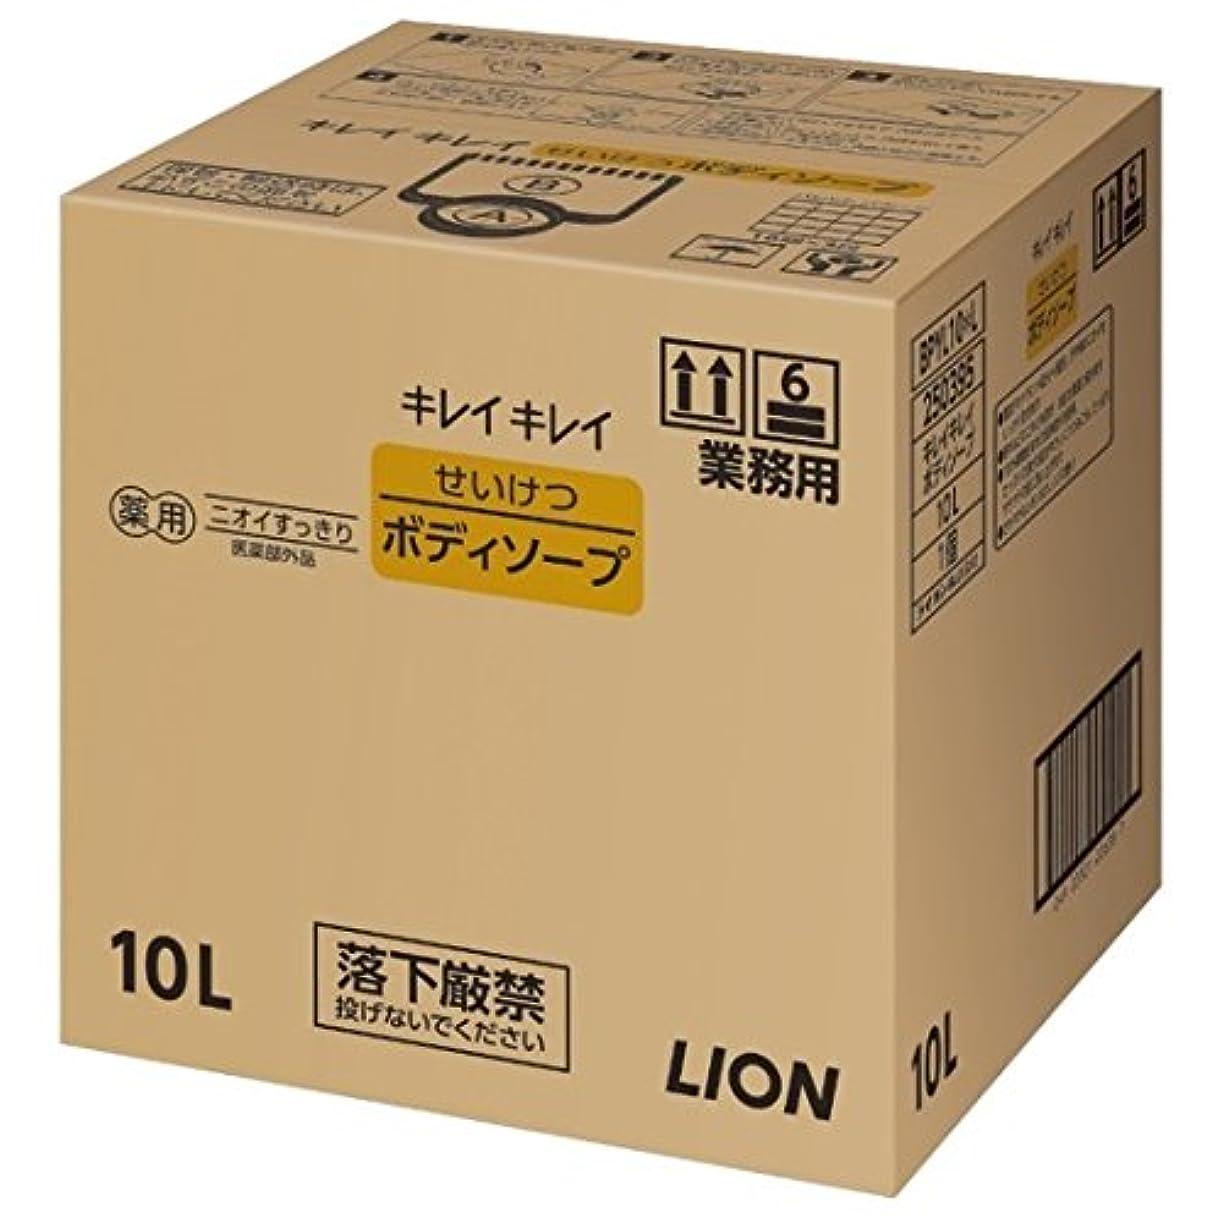 バスルーム不道徳揃えるライオン 業務用 キレイキレイ せいけつボディソープ 10L